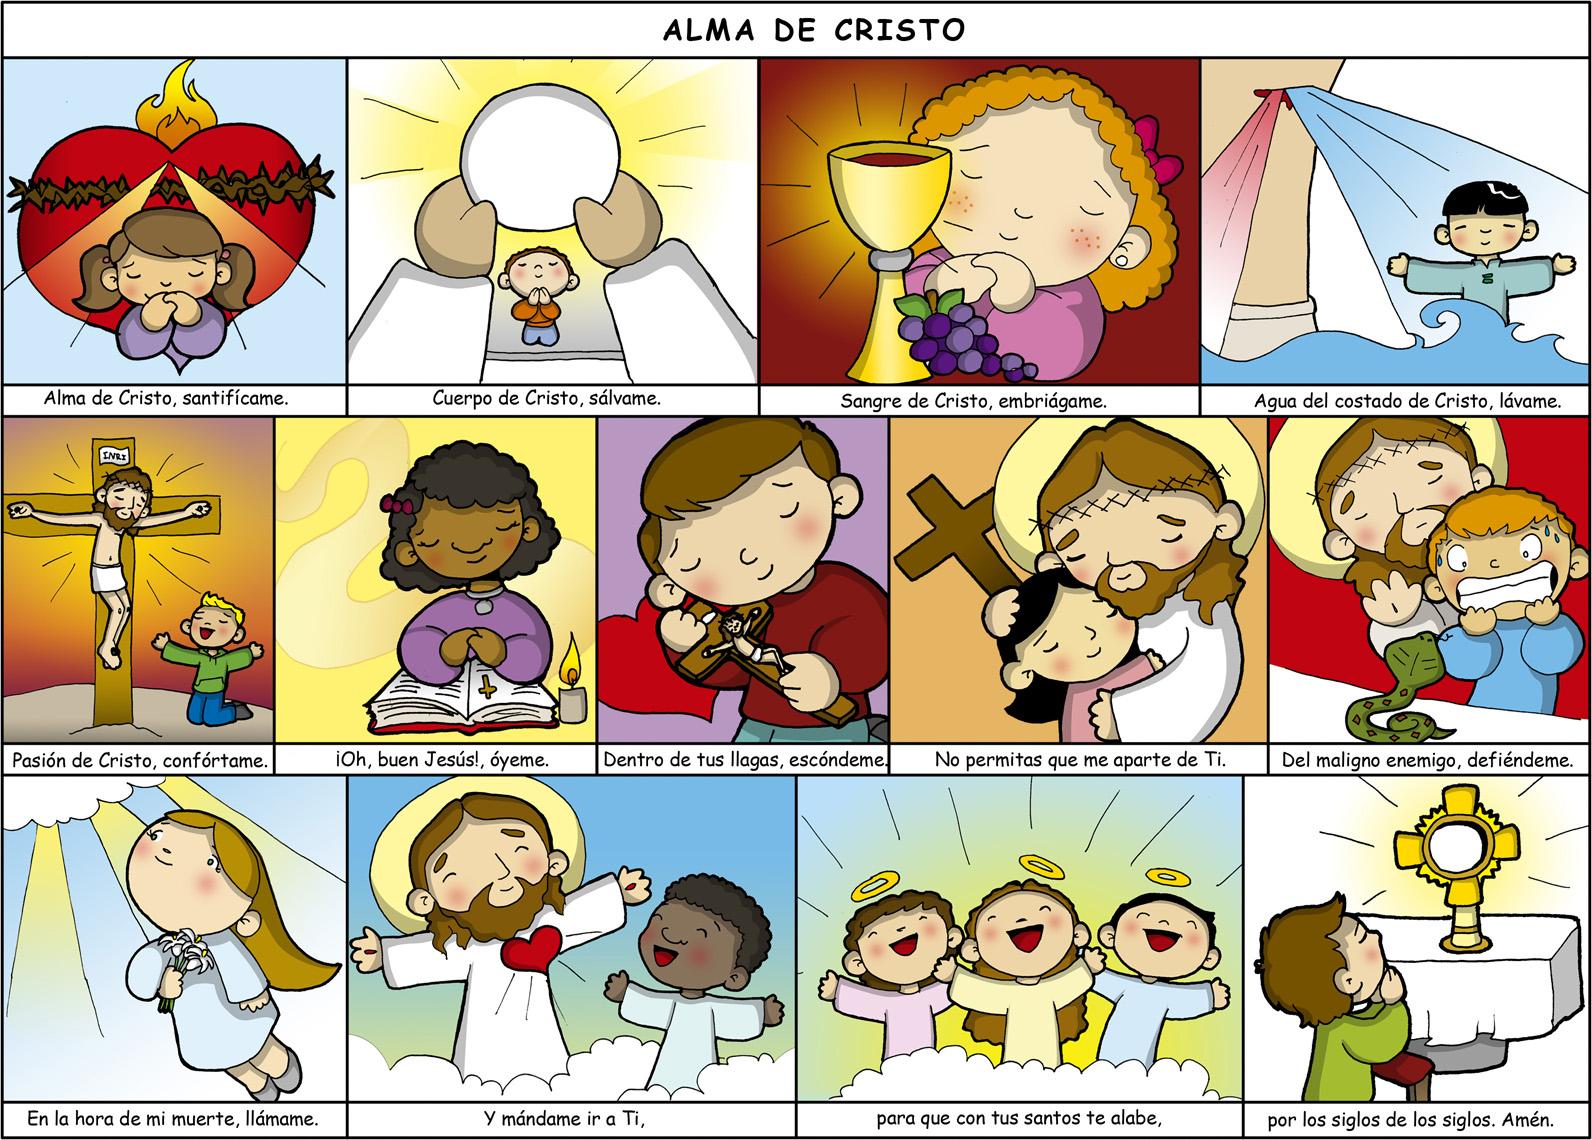 Matrimonio Catolico En Peligro De Muerte : Alma de cristo oración luego comulgar perú católico